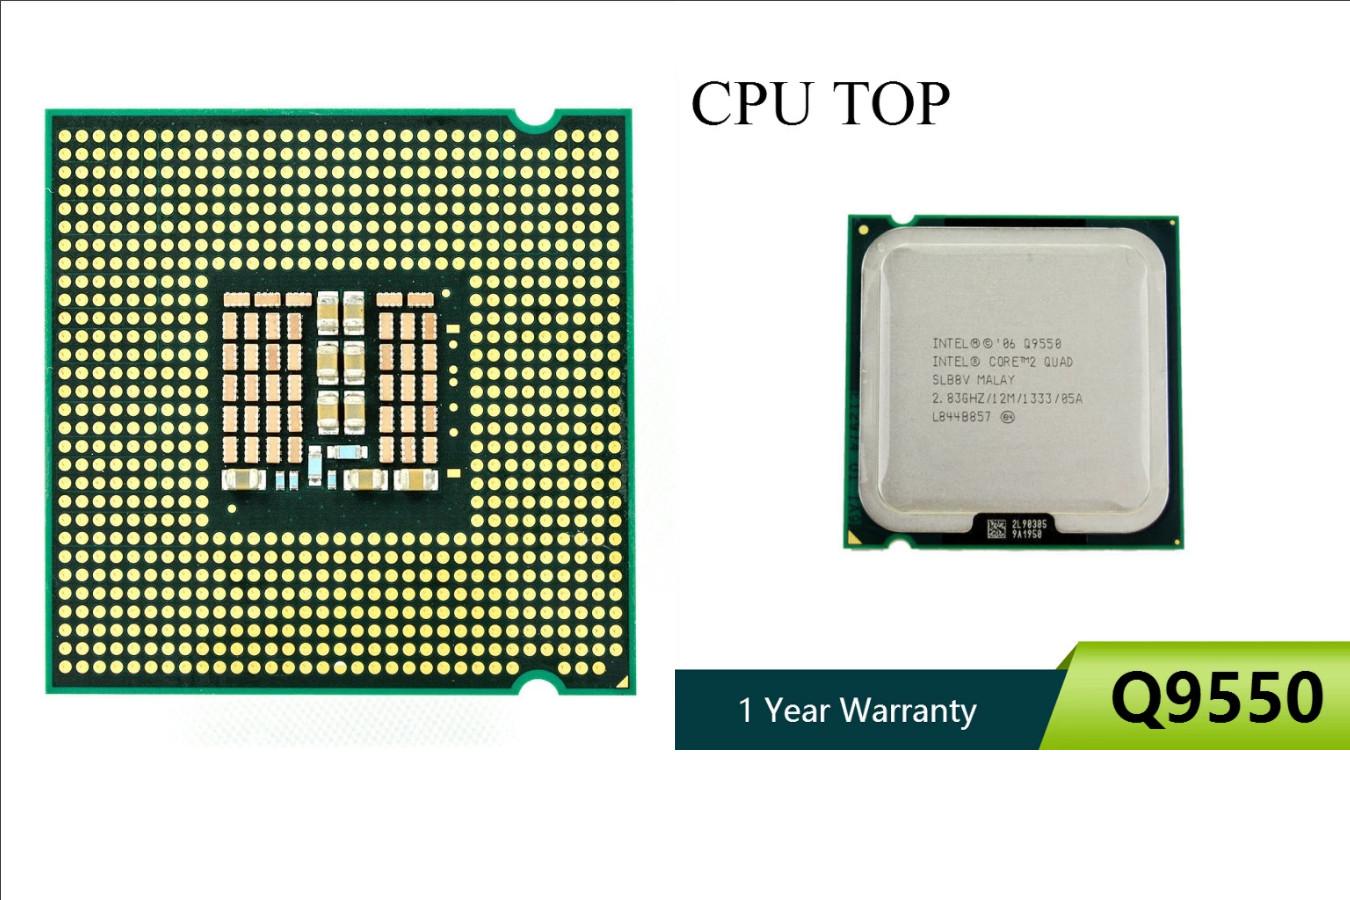 Бывшее в употреблении ЦПУ — Intel Core 2 Quad Q9550